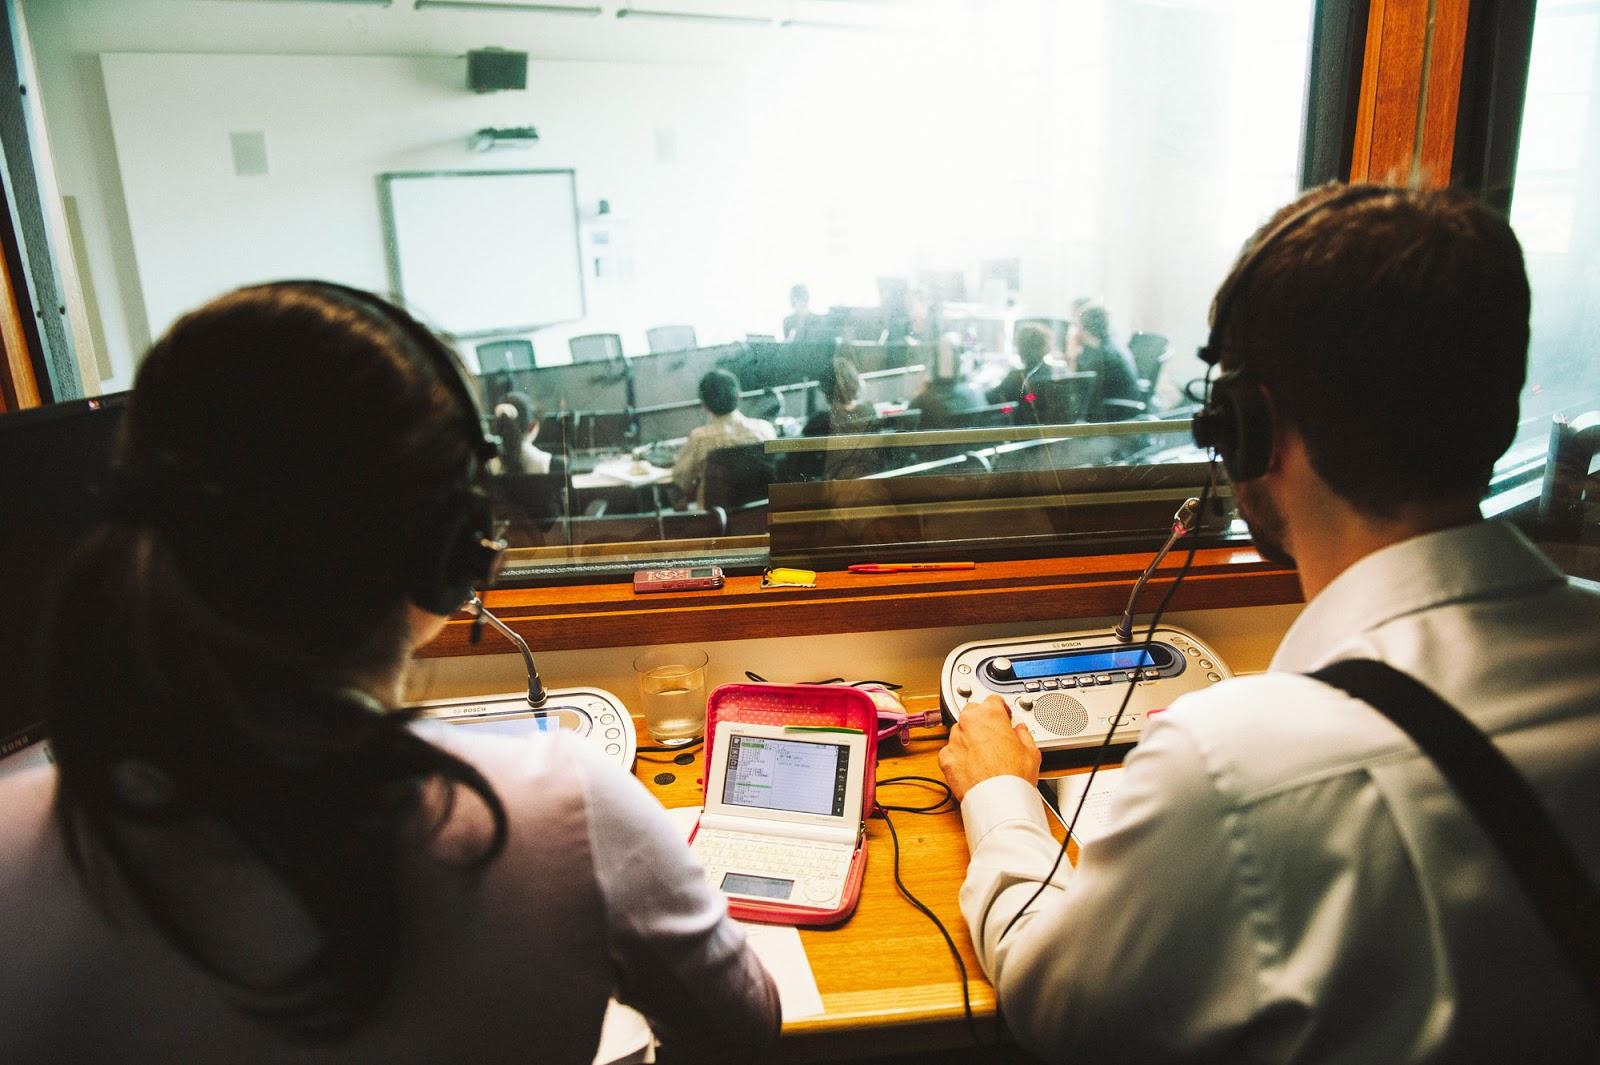 Padahal Kenyataannya Tidak Demikian Lulusan Sastra Jepang Mempunyai B K Lapangan Pekerjaan Yang Menanti Mereka